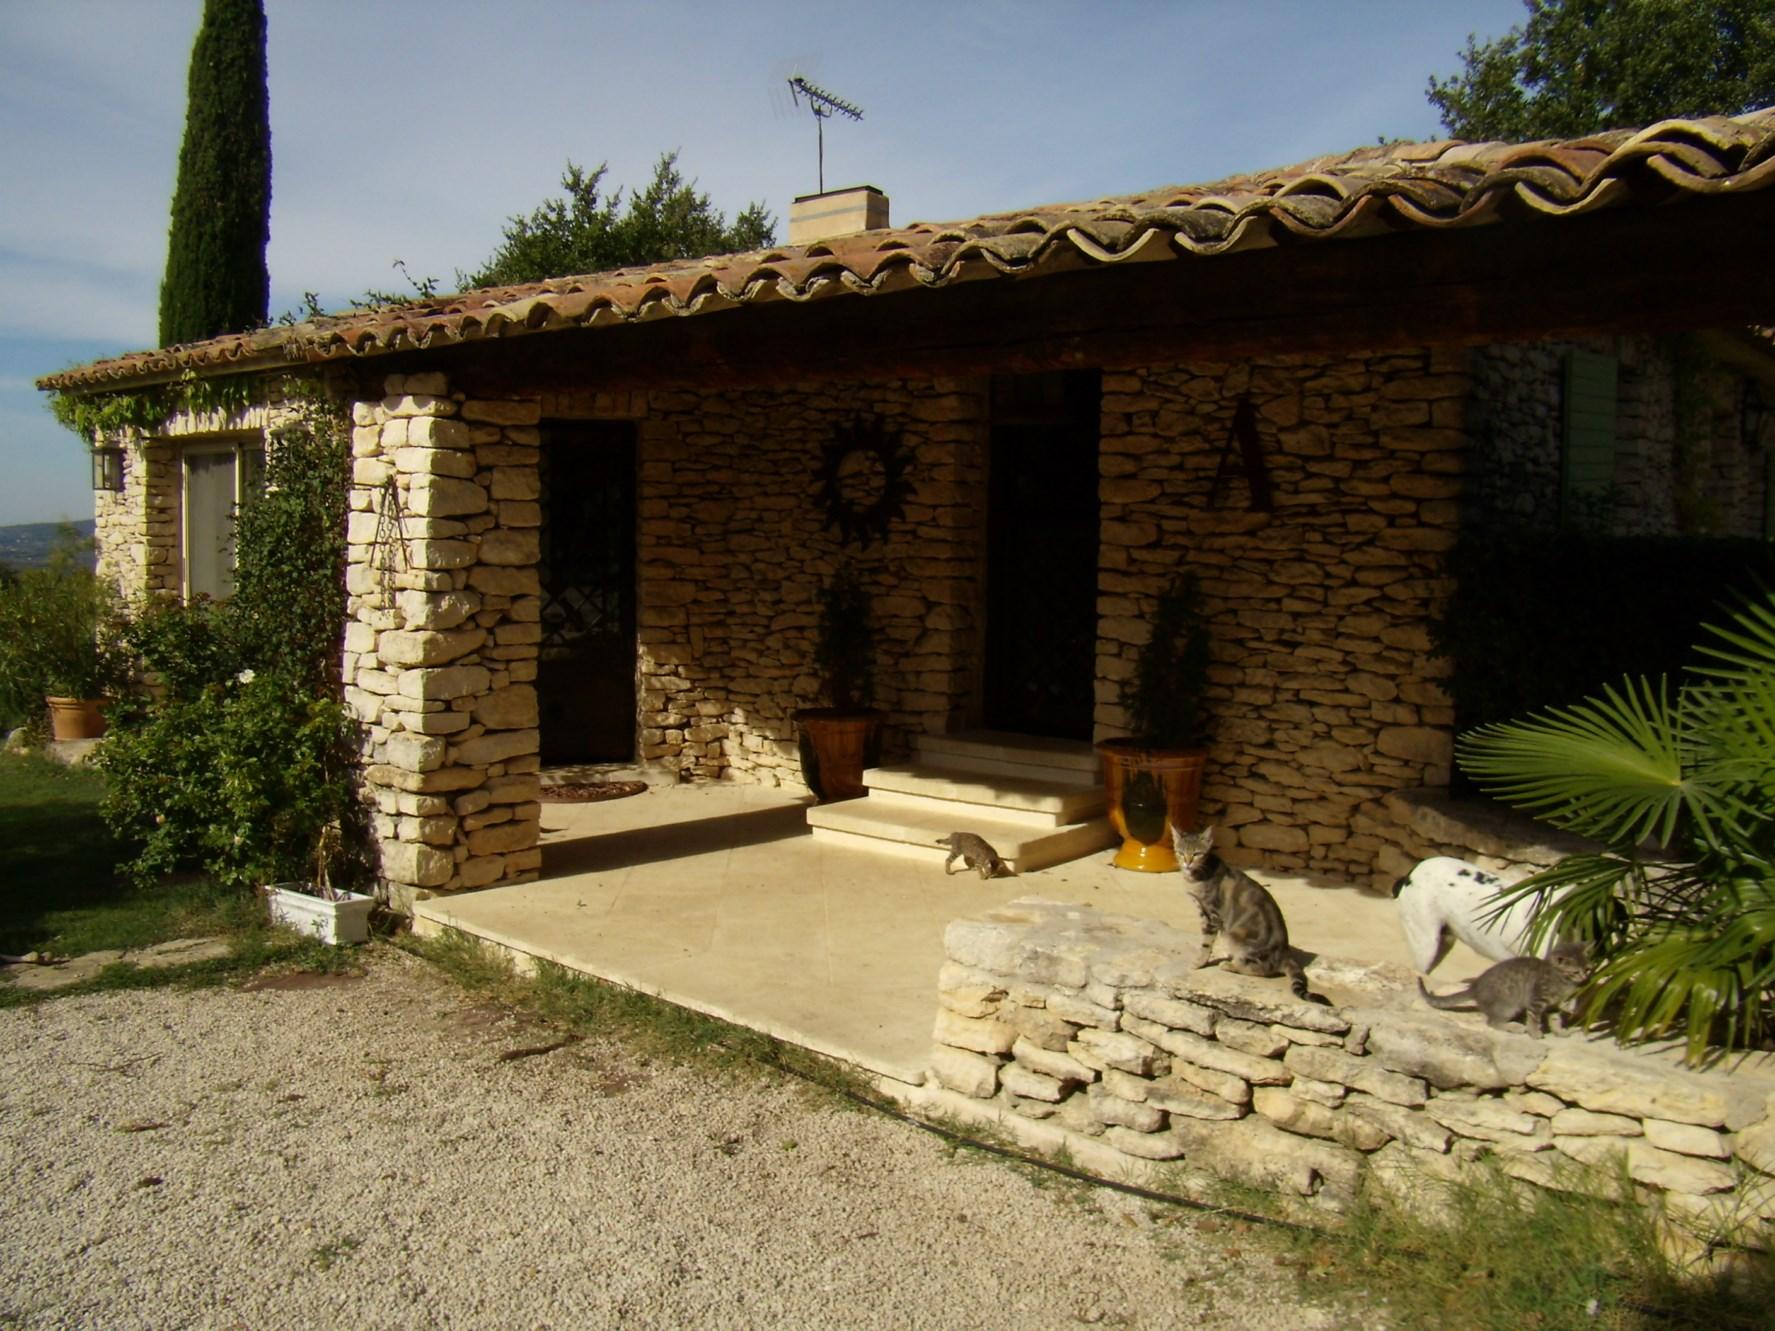 A vendre,  en Luberon, très agréable maison en pierres, jardin paysager de 2 500 m² avec piscine